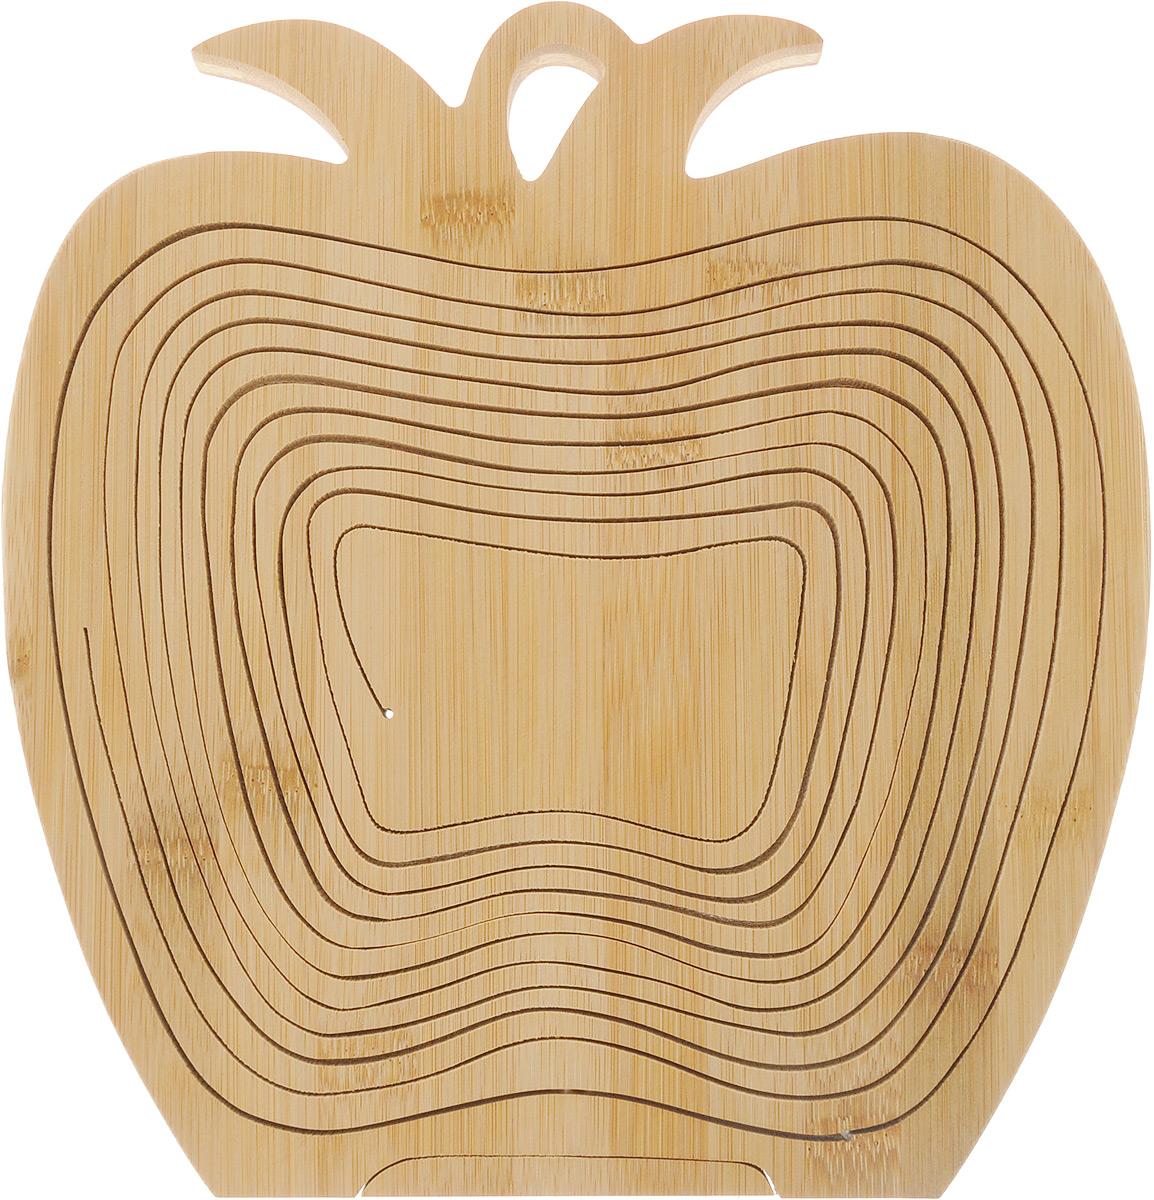 """Доска-трансформер Vetta """"Яблоко"""" изготовлена из высококачественного бамбука. Ее можно  использовать как доску для нарезки, как подставку под горячее, и как фруктовницу.  Оригинальный дизайн доски-трансформер украсит интерьер вашей кухни. Доска-трансформер Vetta """"Яблоко"""" станет отличным подарком для ваших друзей и близких.    Размер доски-трансформер (в виде доски): 27 х 30 х 1,5 см. Размер доски-трансформер (в виде фруктовницы): 27 х 30 х 21 см"""